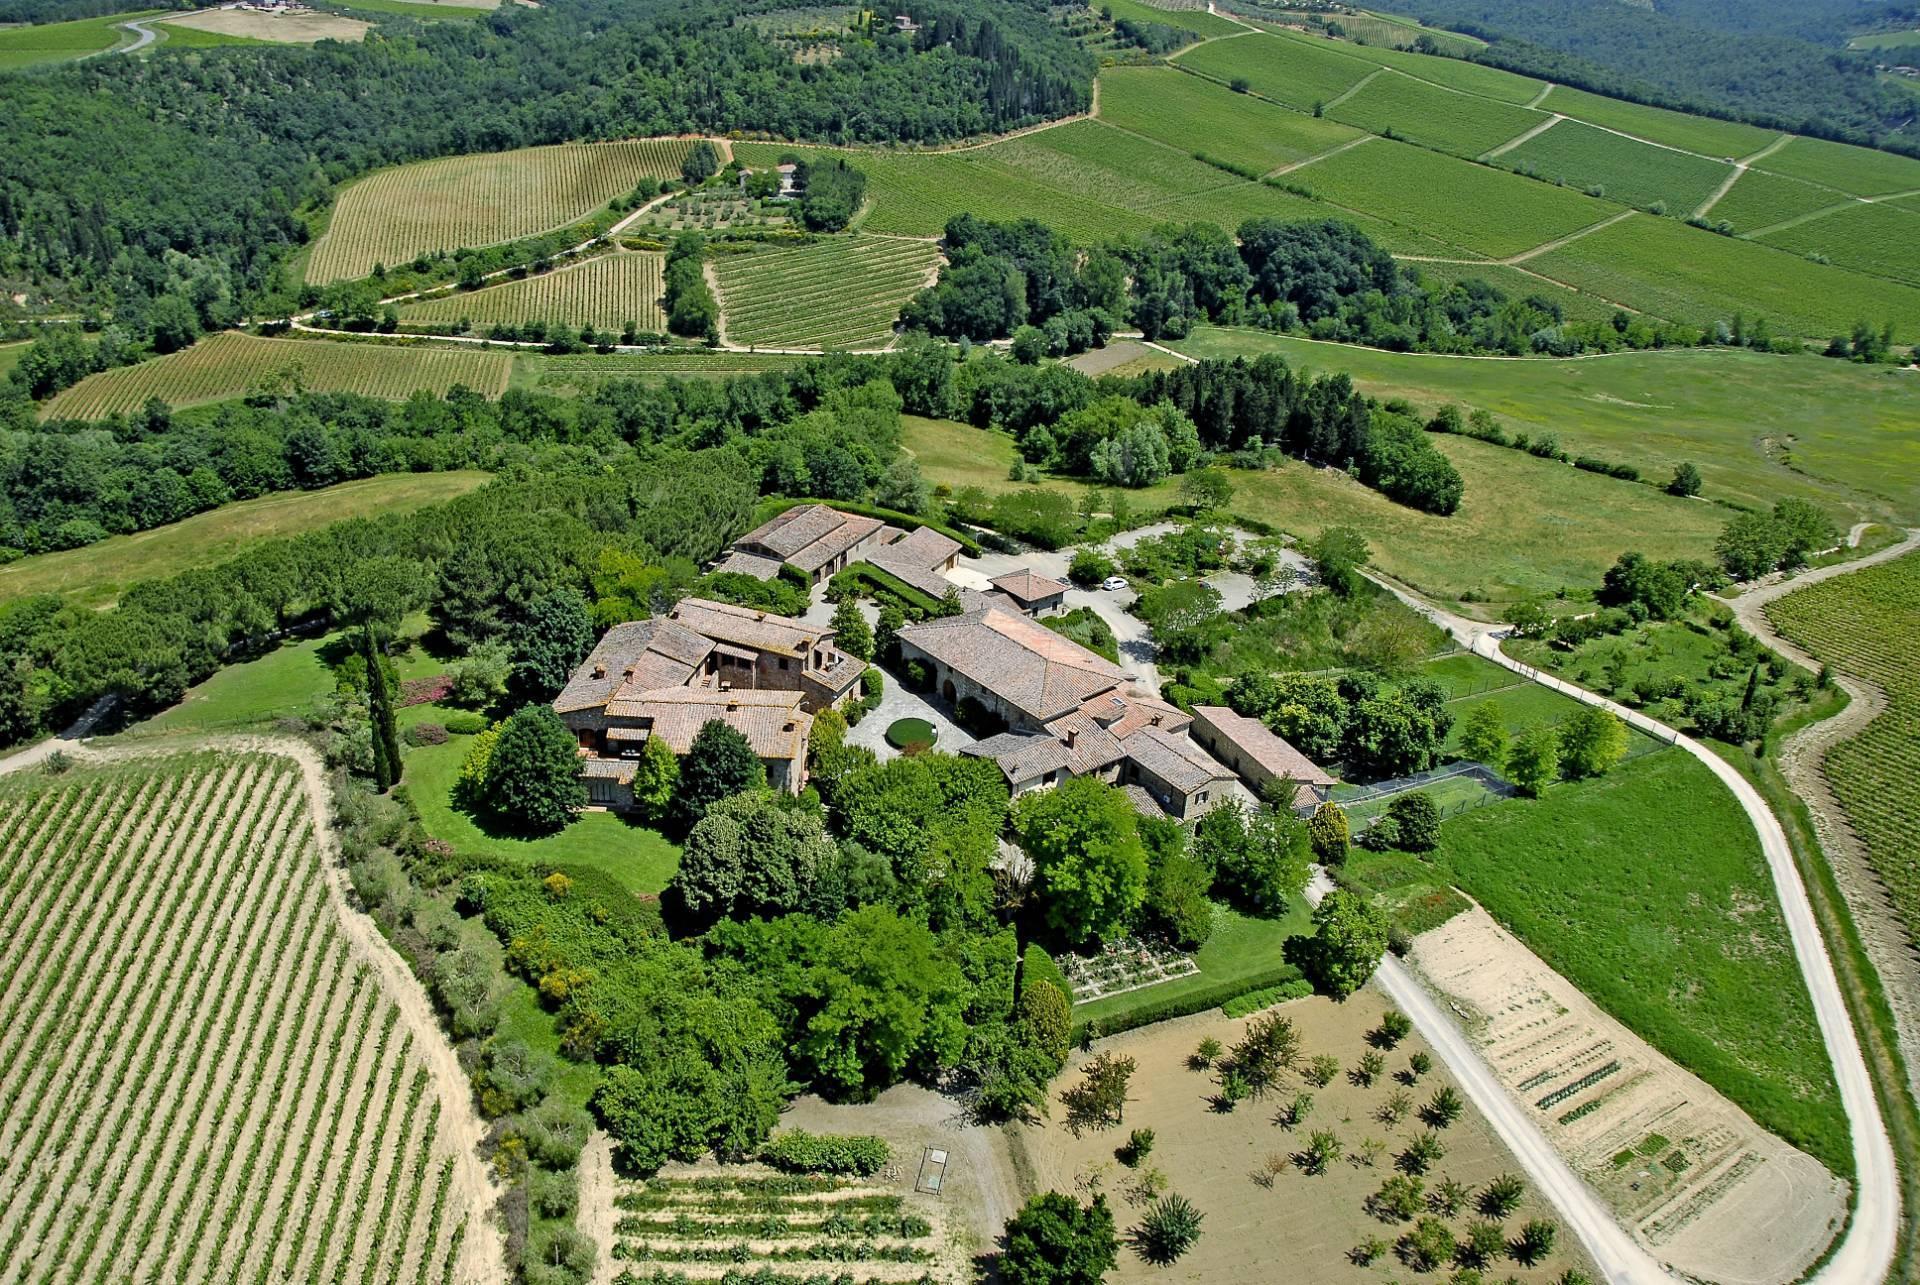 Esclusive wine estate in the heart of Chianti classico - 1